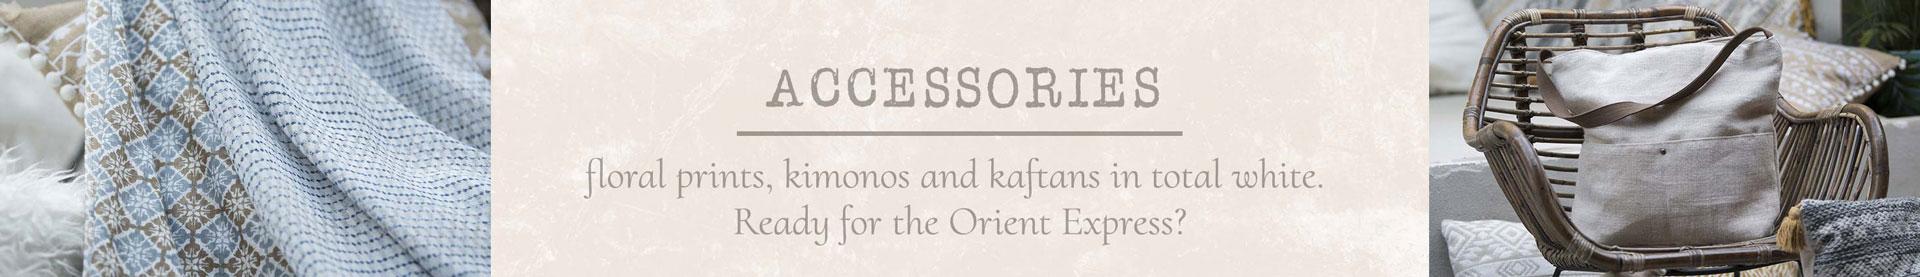 collezione-accessories